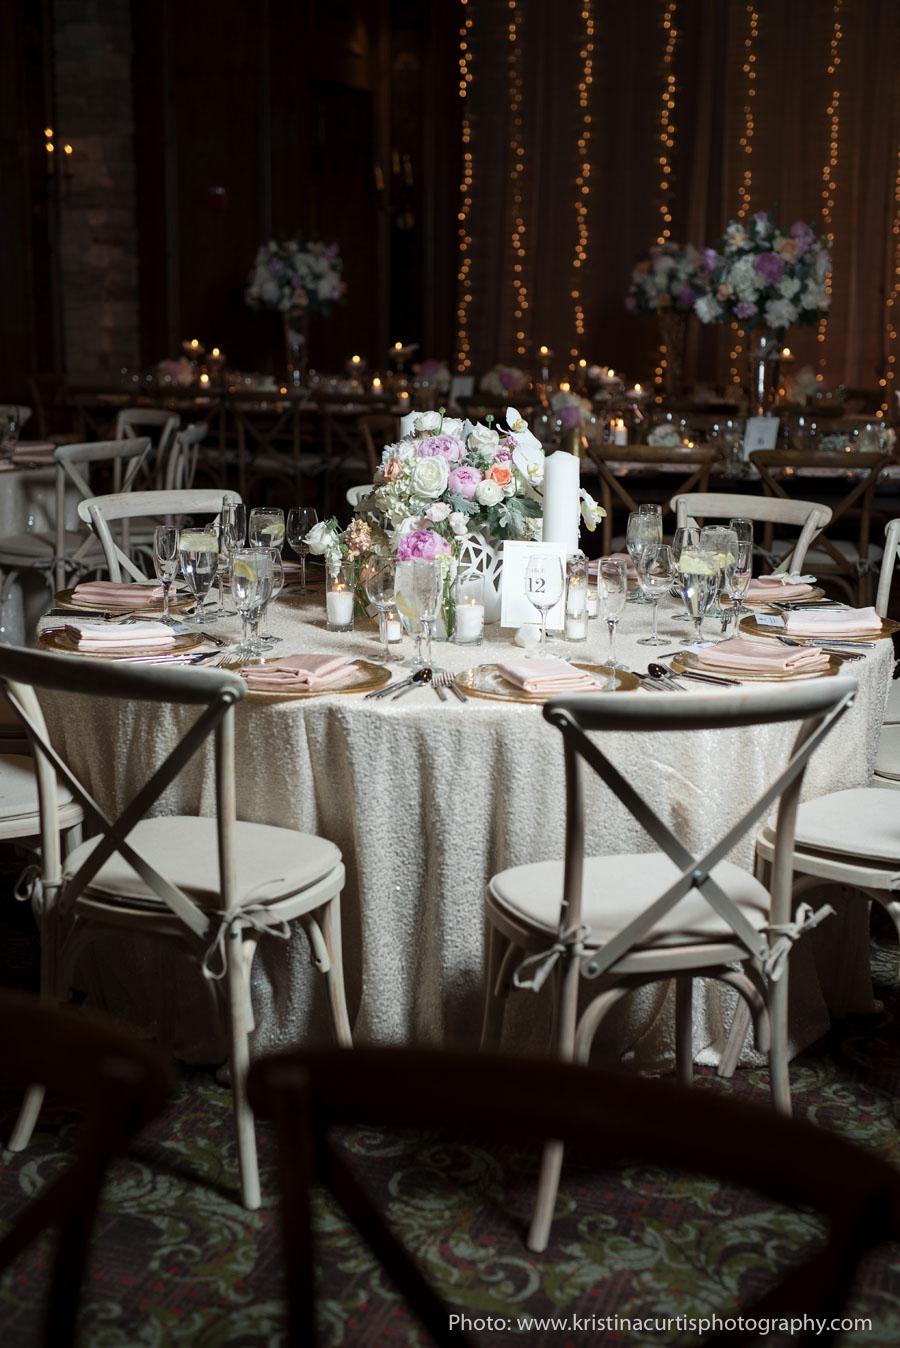 Best Park City Wedding Venue_Winter_Weddings_Stein_Eriksen_Lodge-2-3.jpg